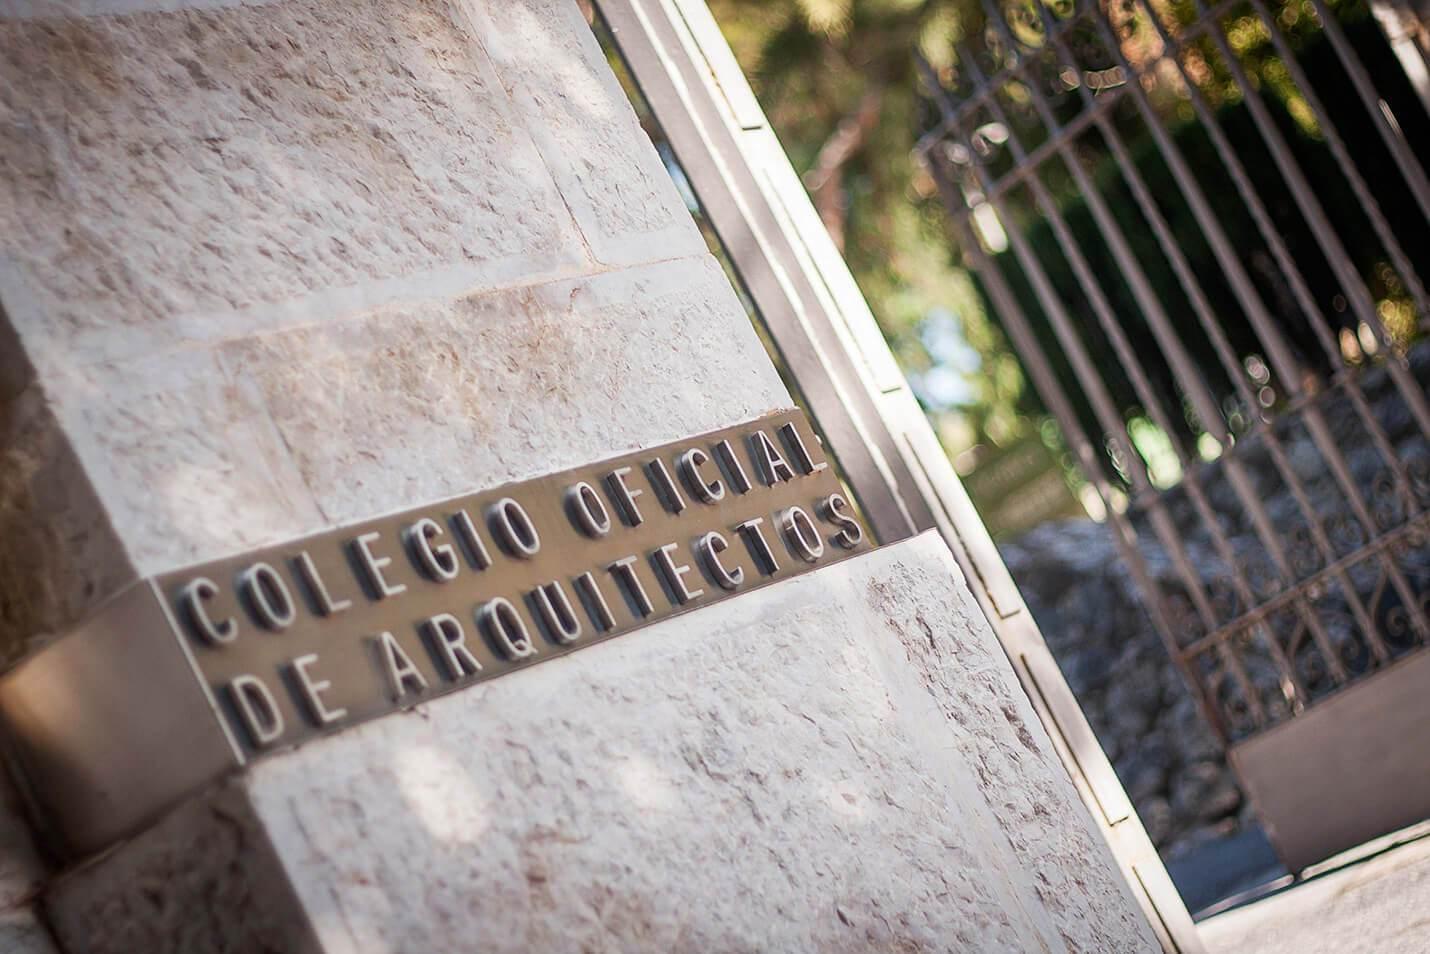 Detalle de la entrada del Colegio de Arquitectos de Málaga